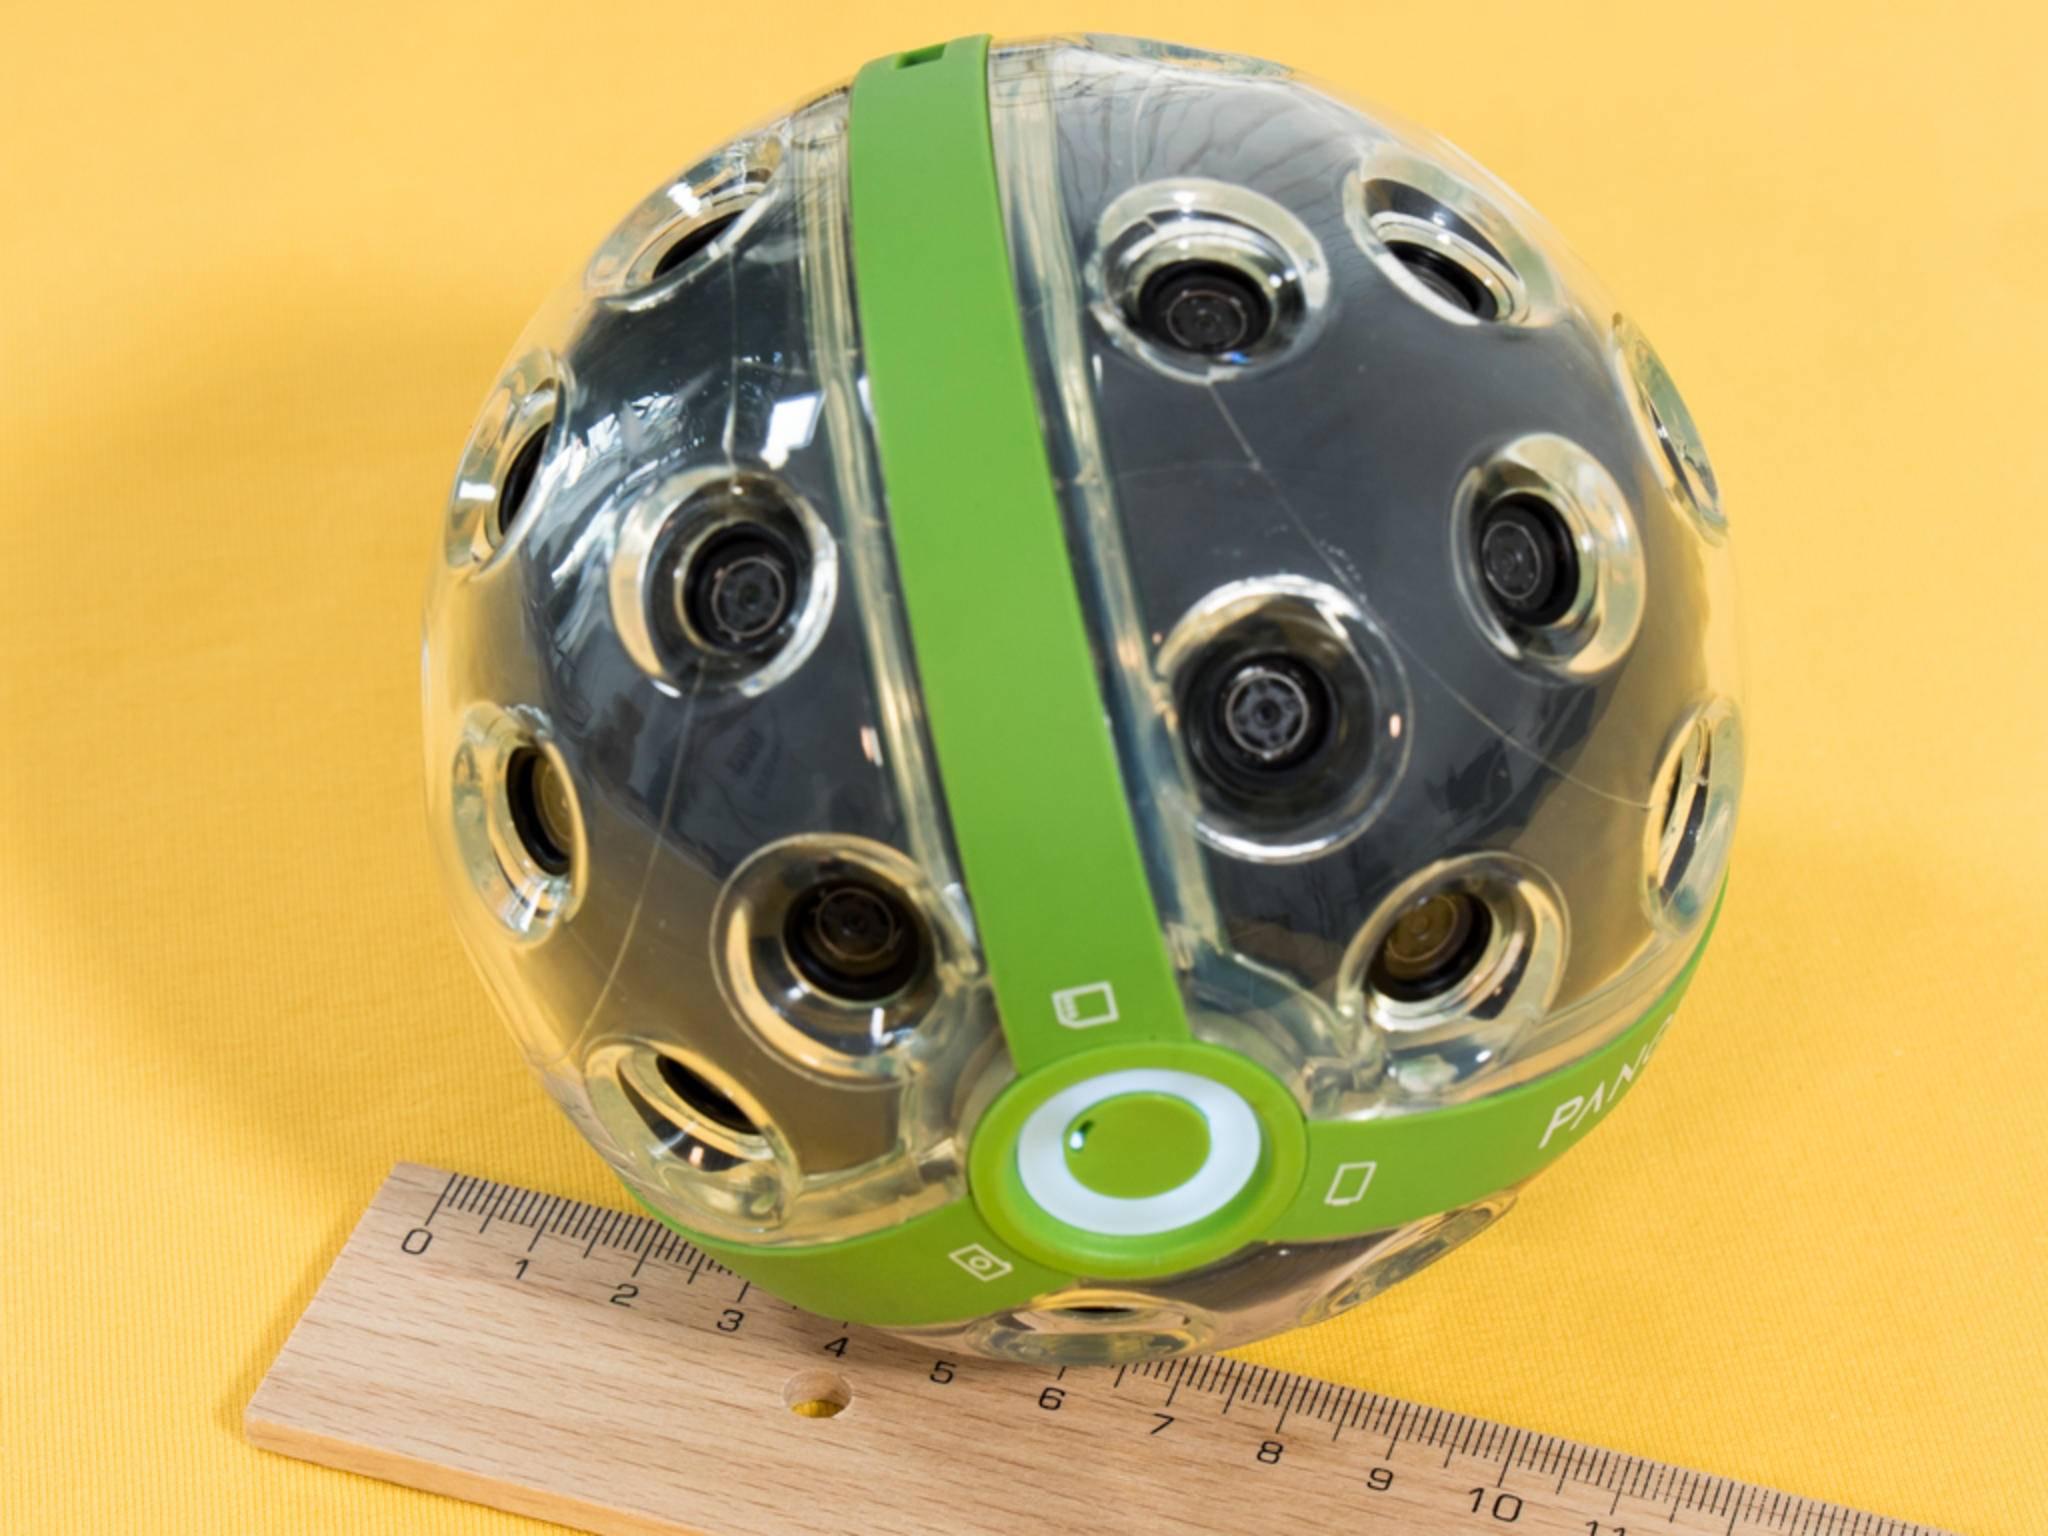 Der Ball misst 11 Zentimeter im Durchmesser.